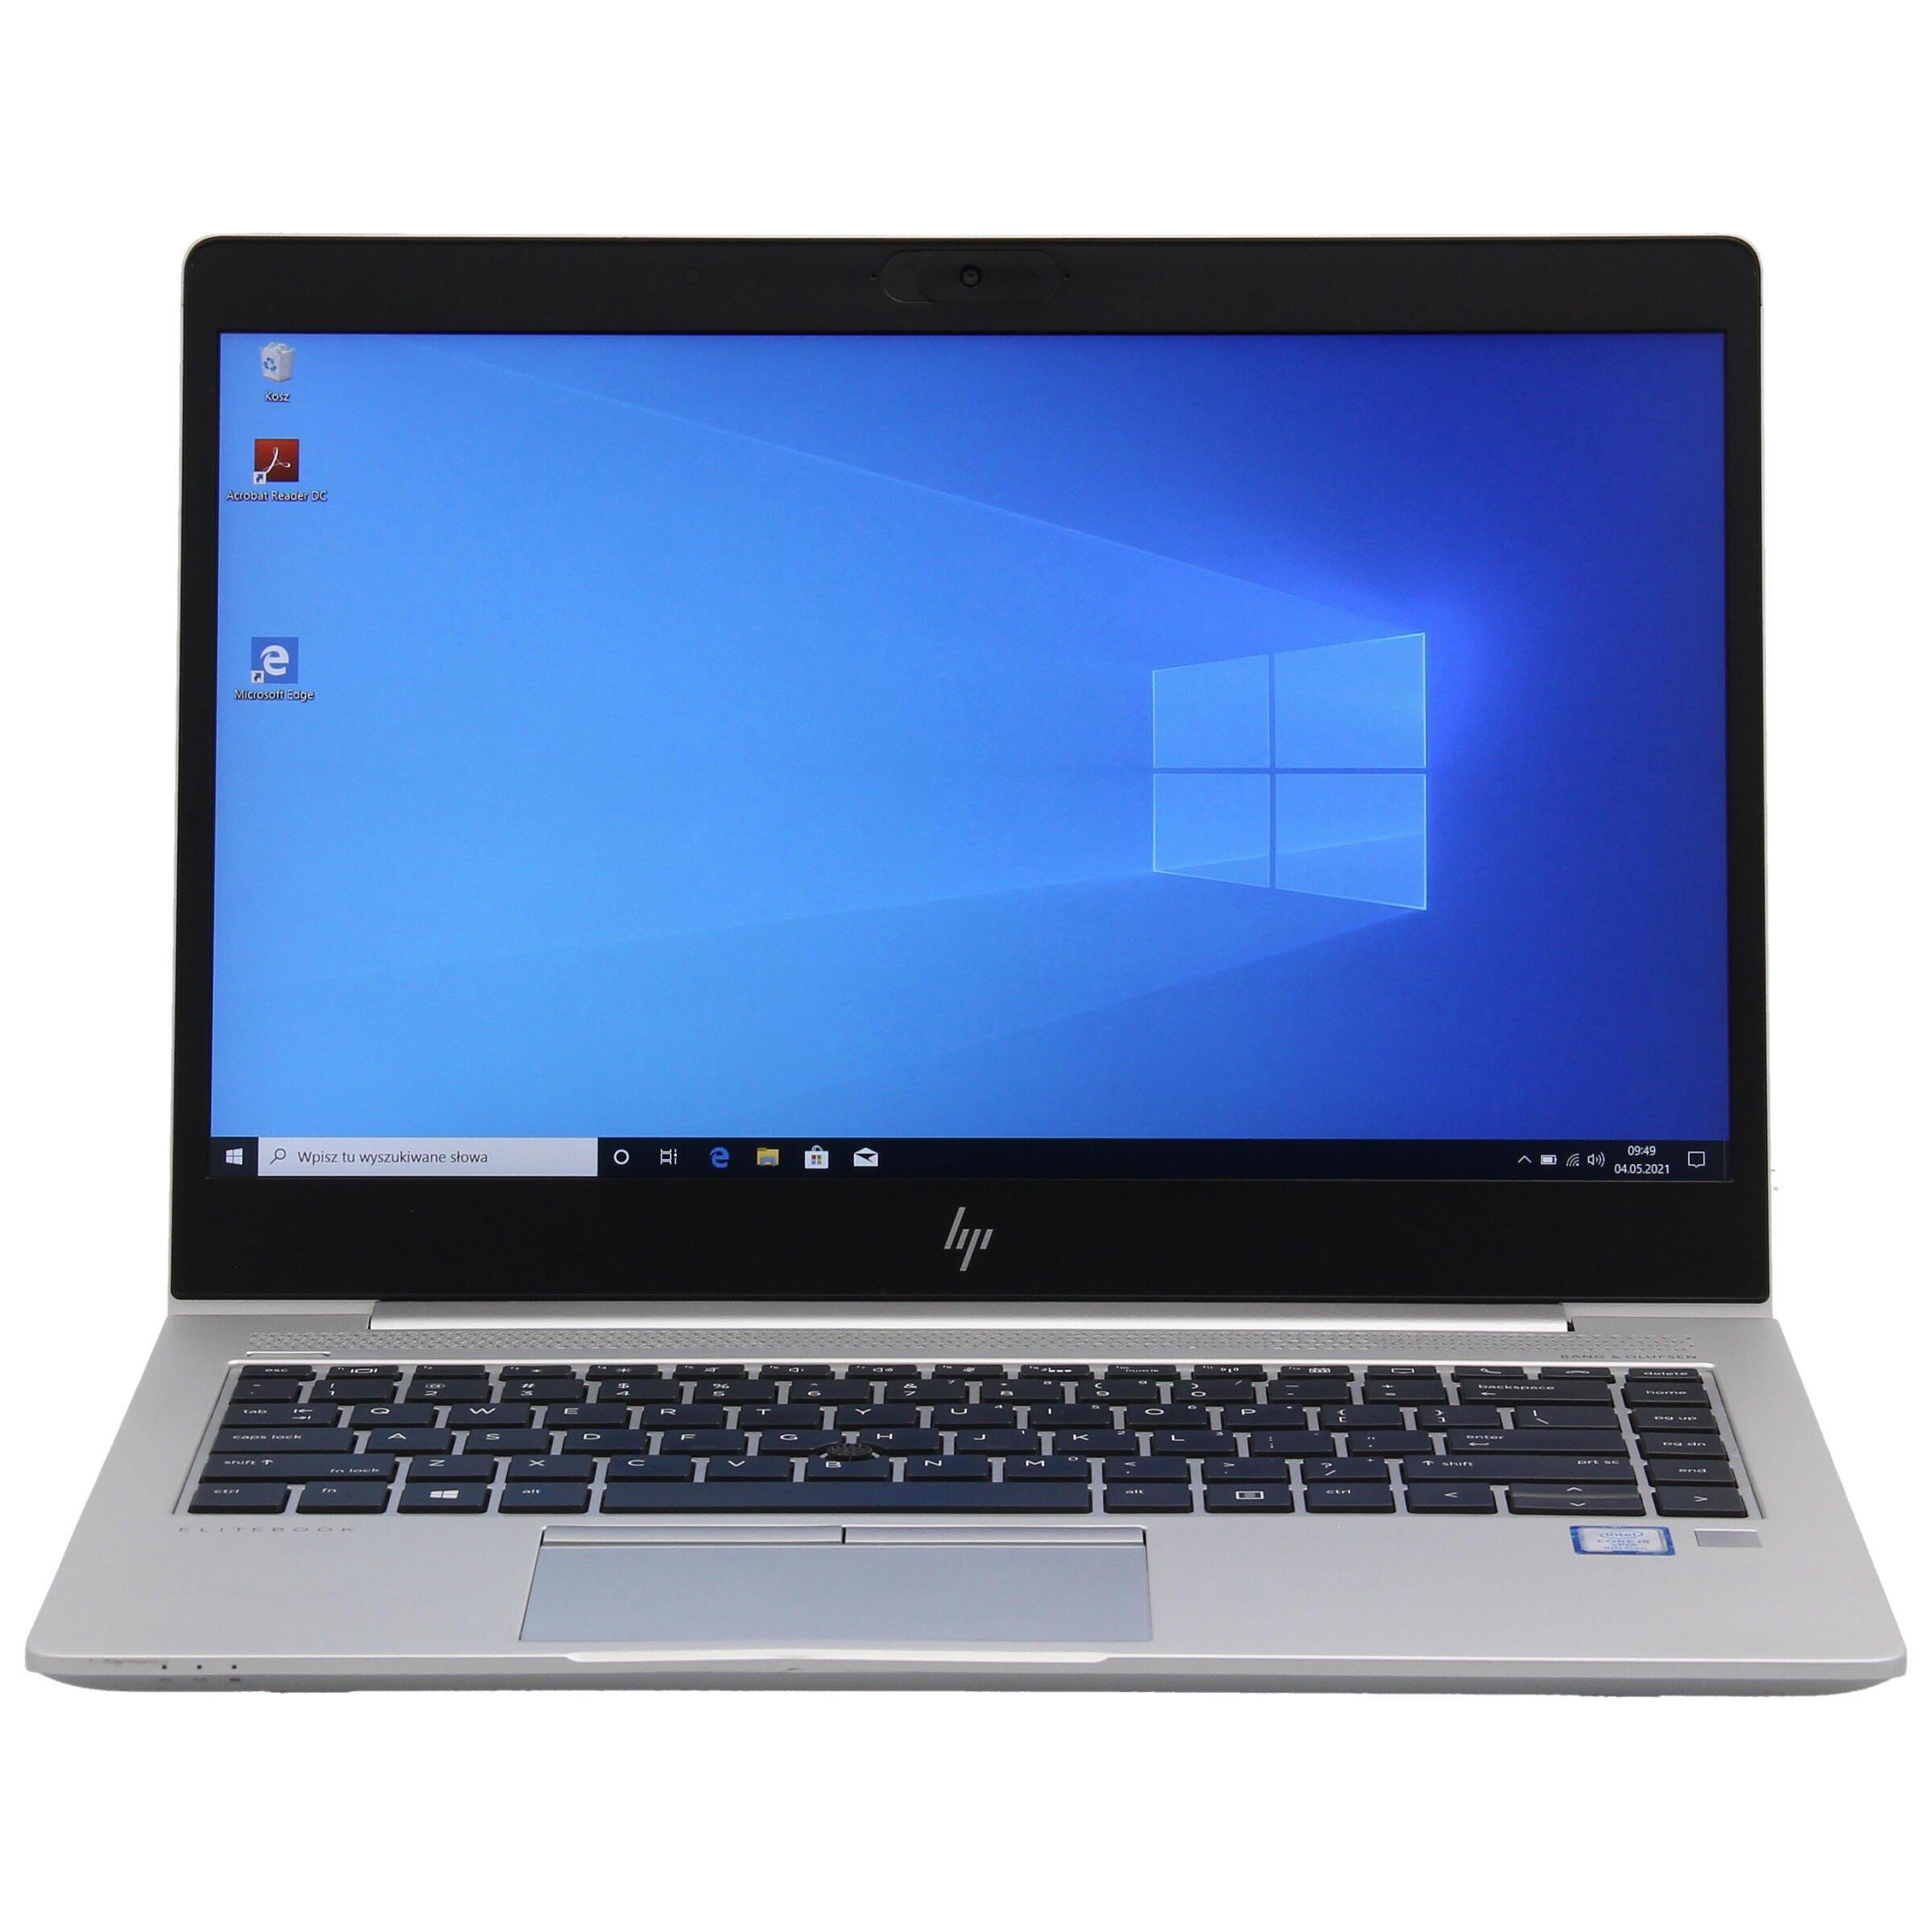 Jak ekran w laptopie?